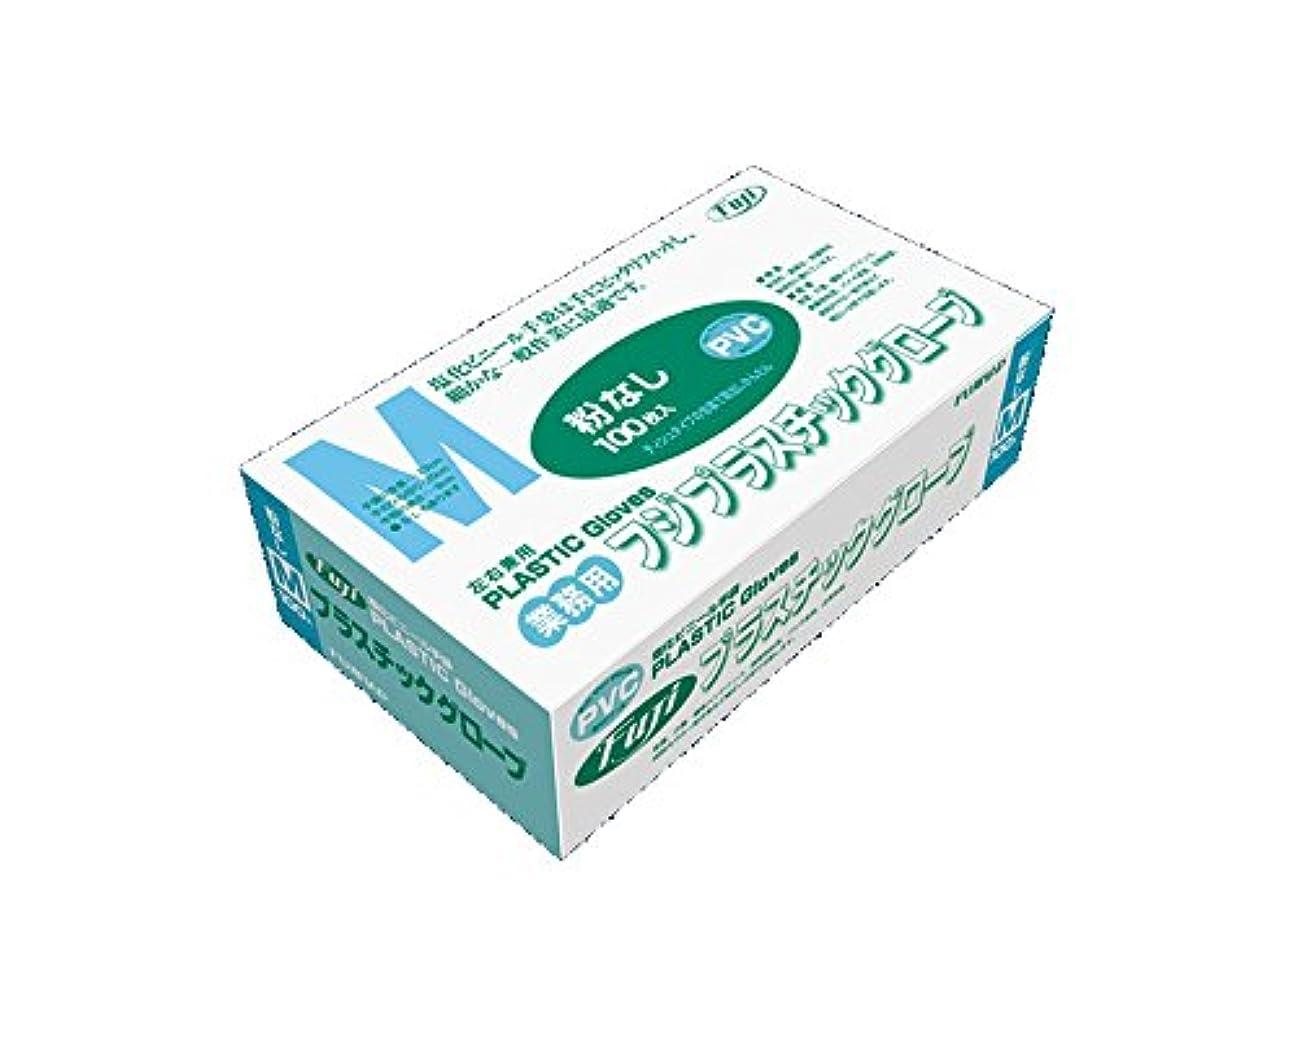 通常備品失礼なフジ プラスチックグローブM粉無PVC 入数:100枚×20箱